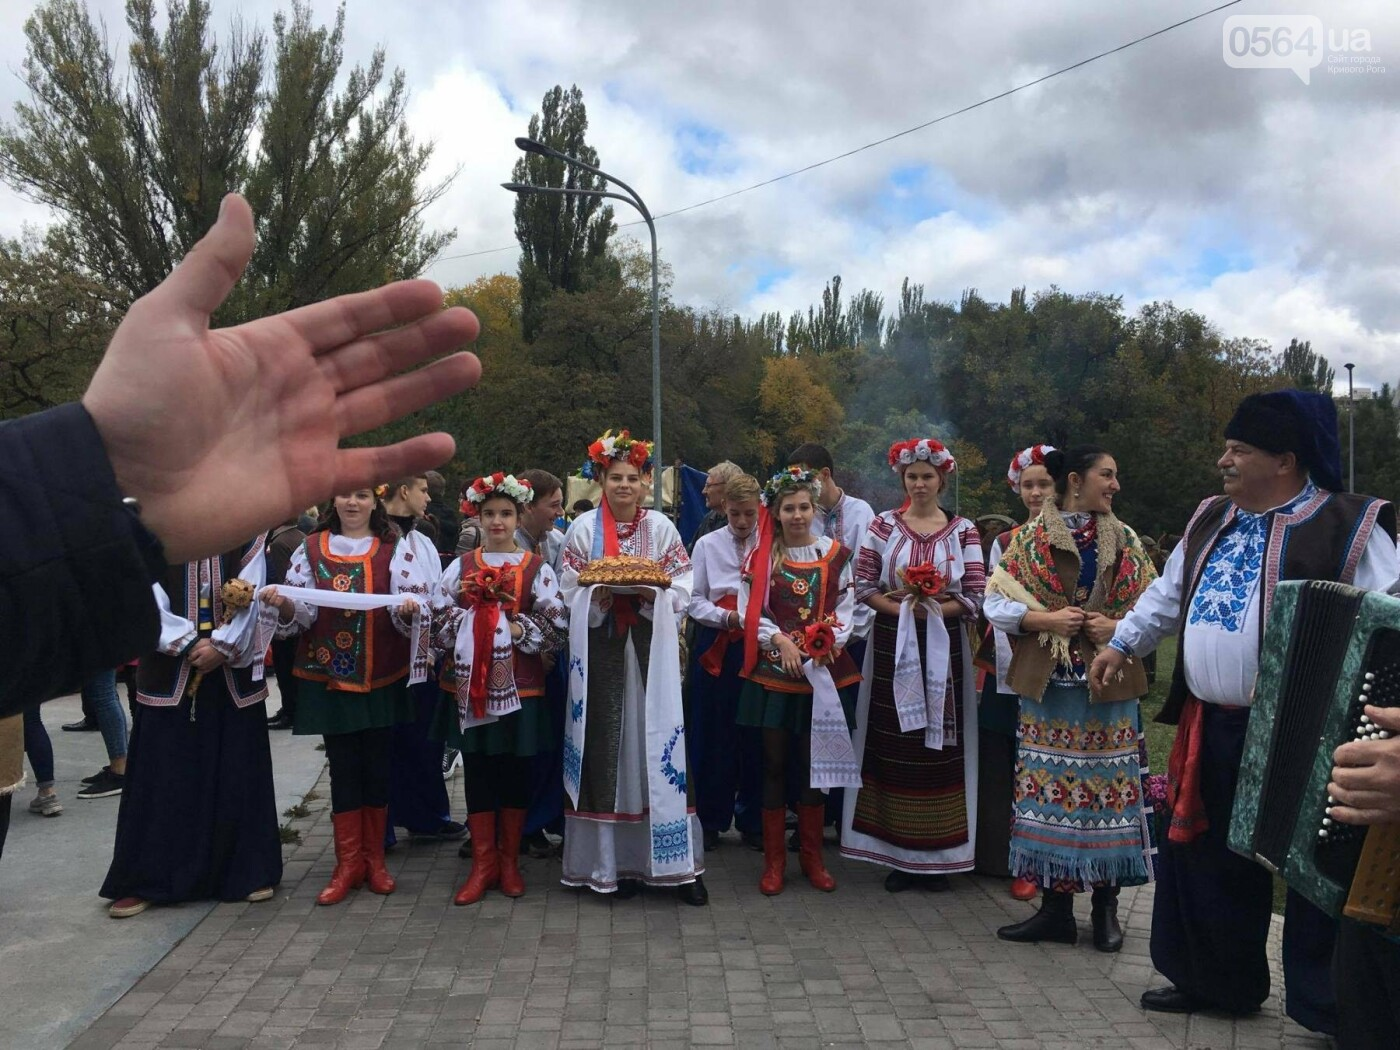 Тысячи криворожан отмечают День украинского козачества на Фестивале в парке Героев (ФОТО, ВИДЕО), фото-7